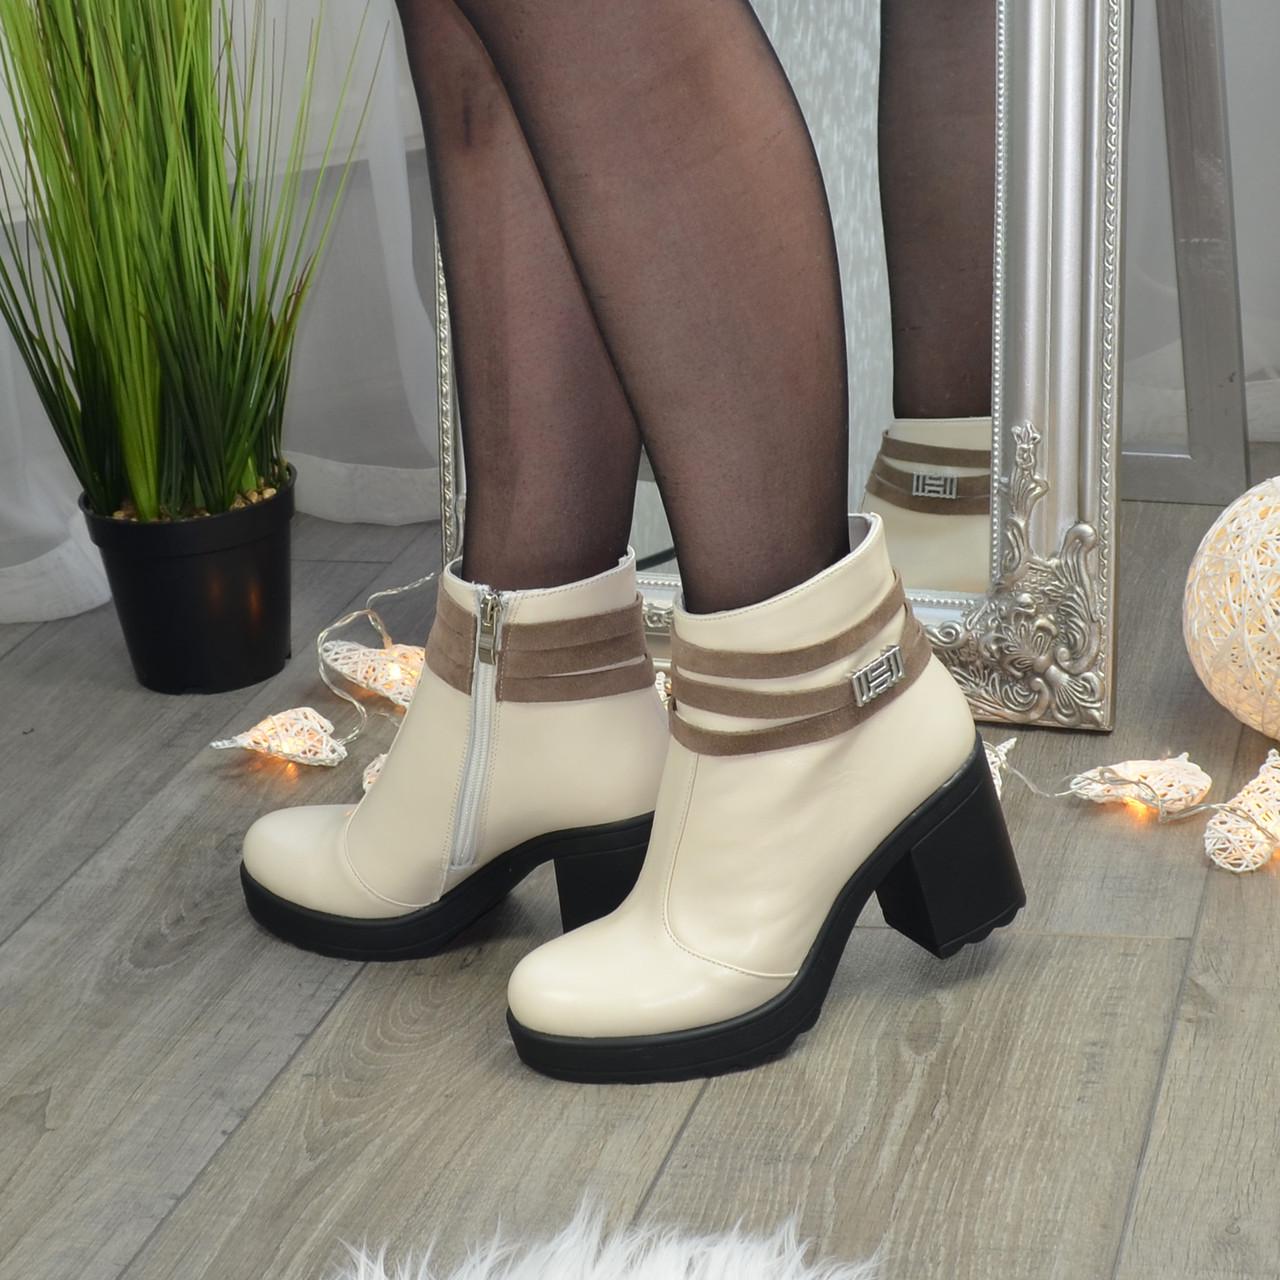 Ботинки зимние женские кожаные на устойчивом каблуке. Цвет бежевый